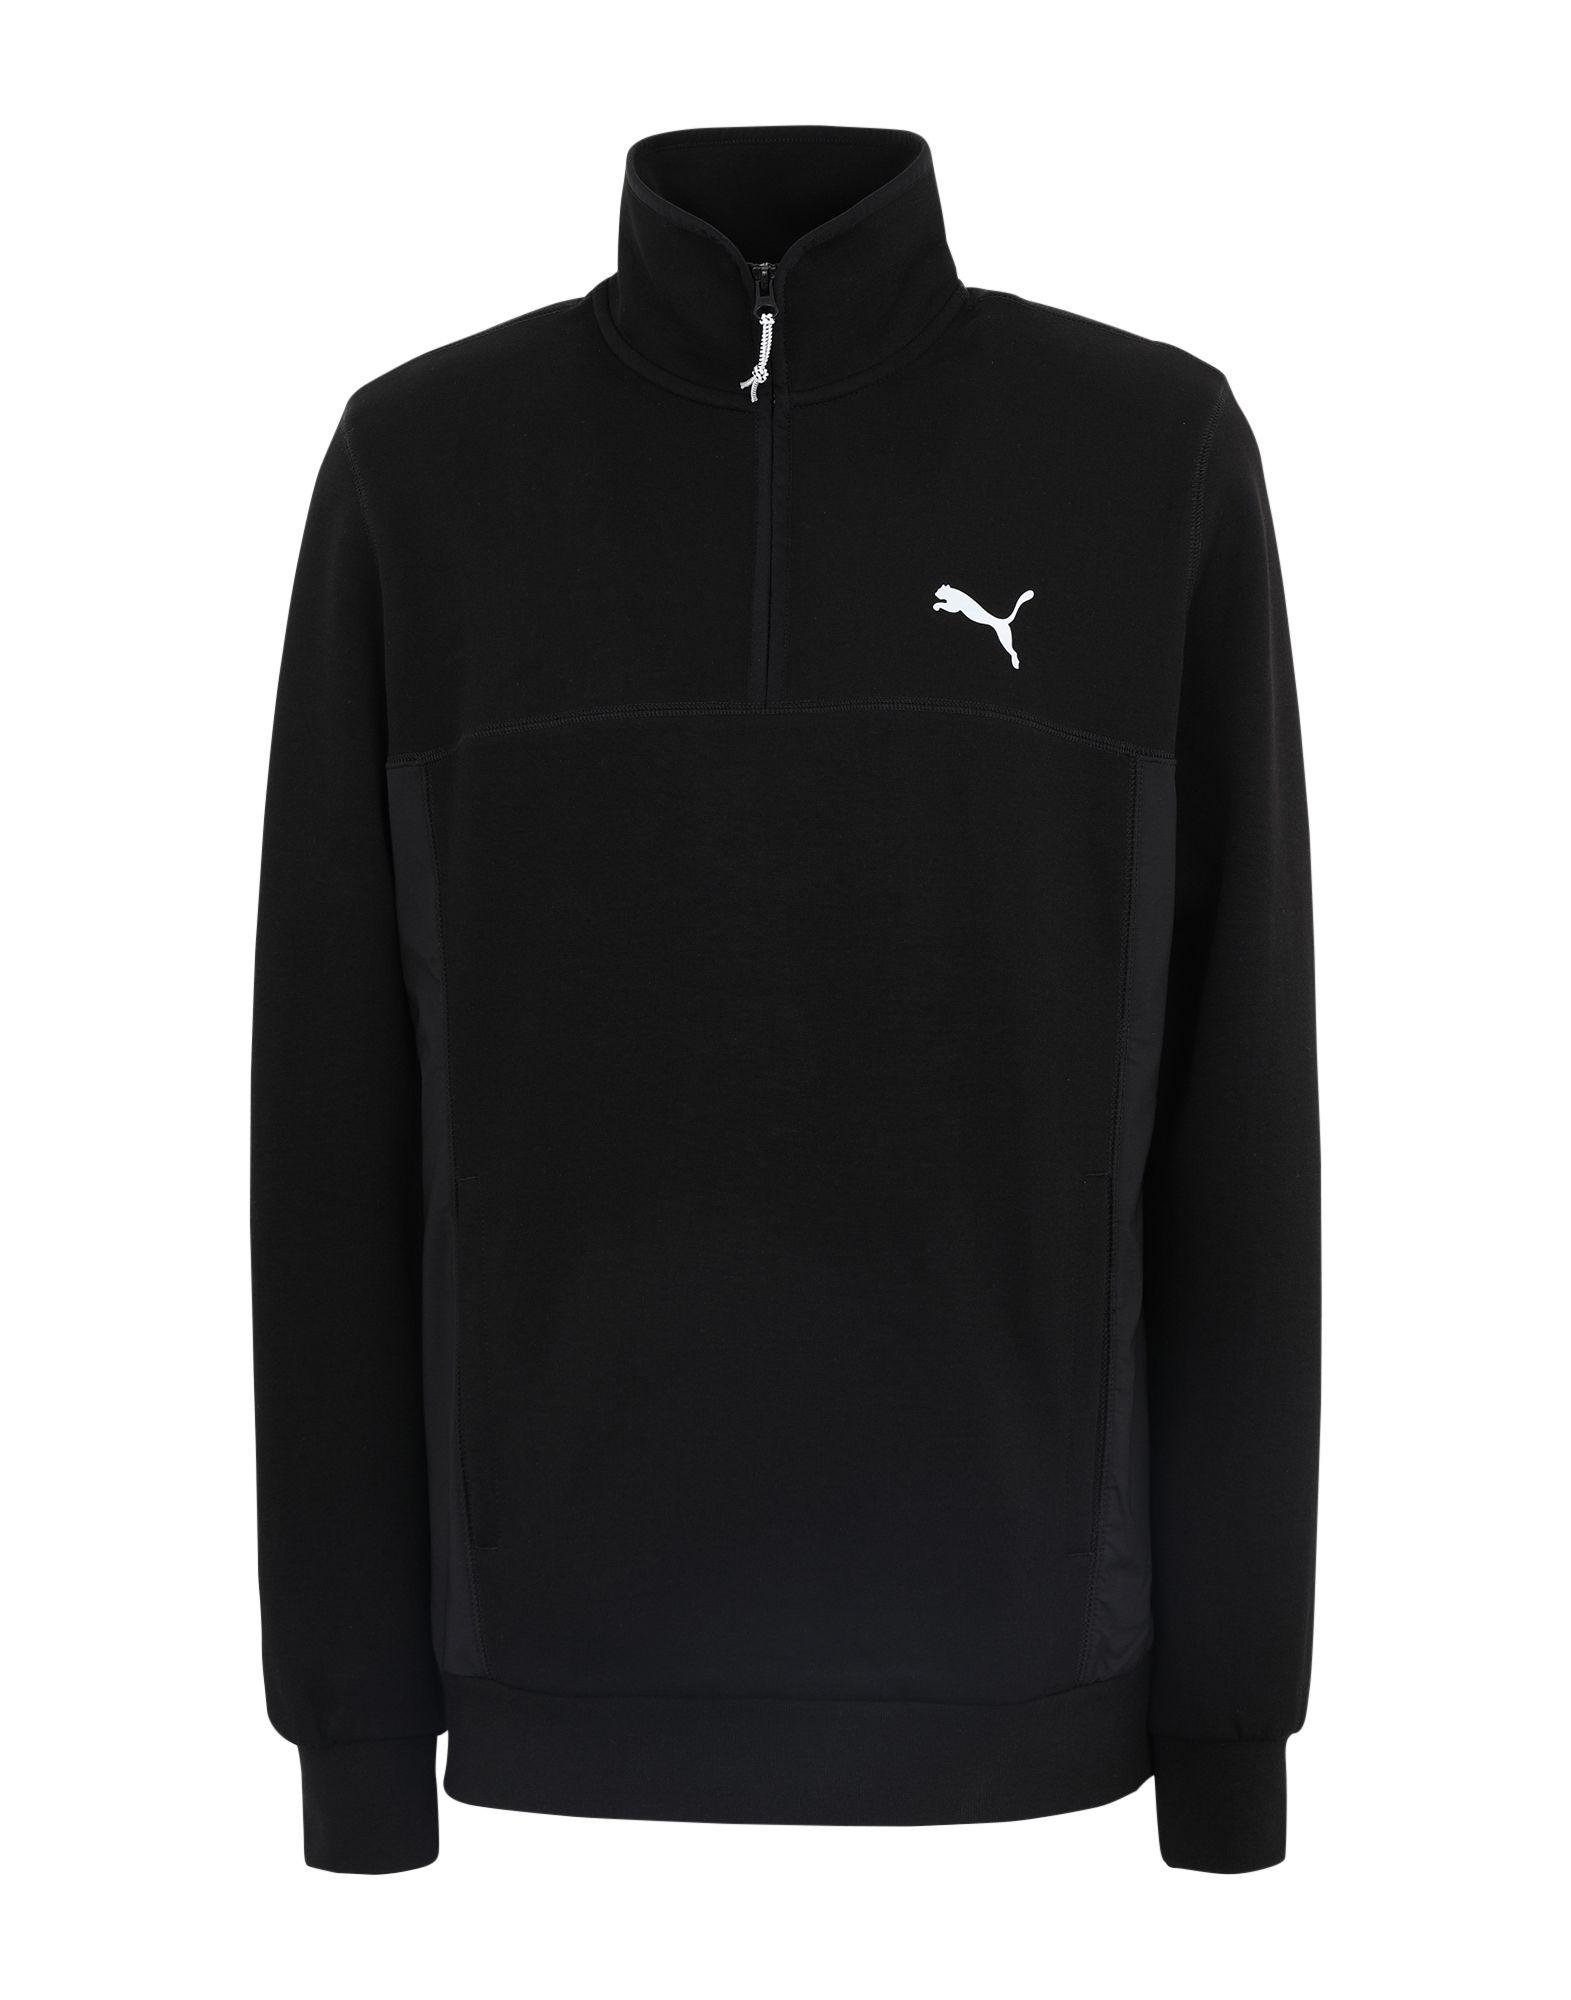 《期間限定セール開催中!》PUMA メンズ スウェットシャツ ブラック S コットン 68% / ポリエステル 32% Epoch Hybrid Savannah